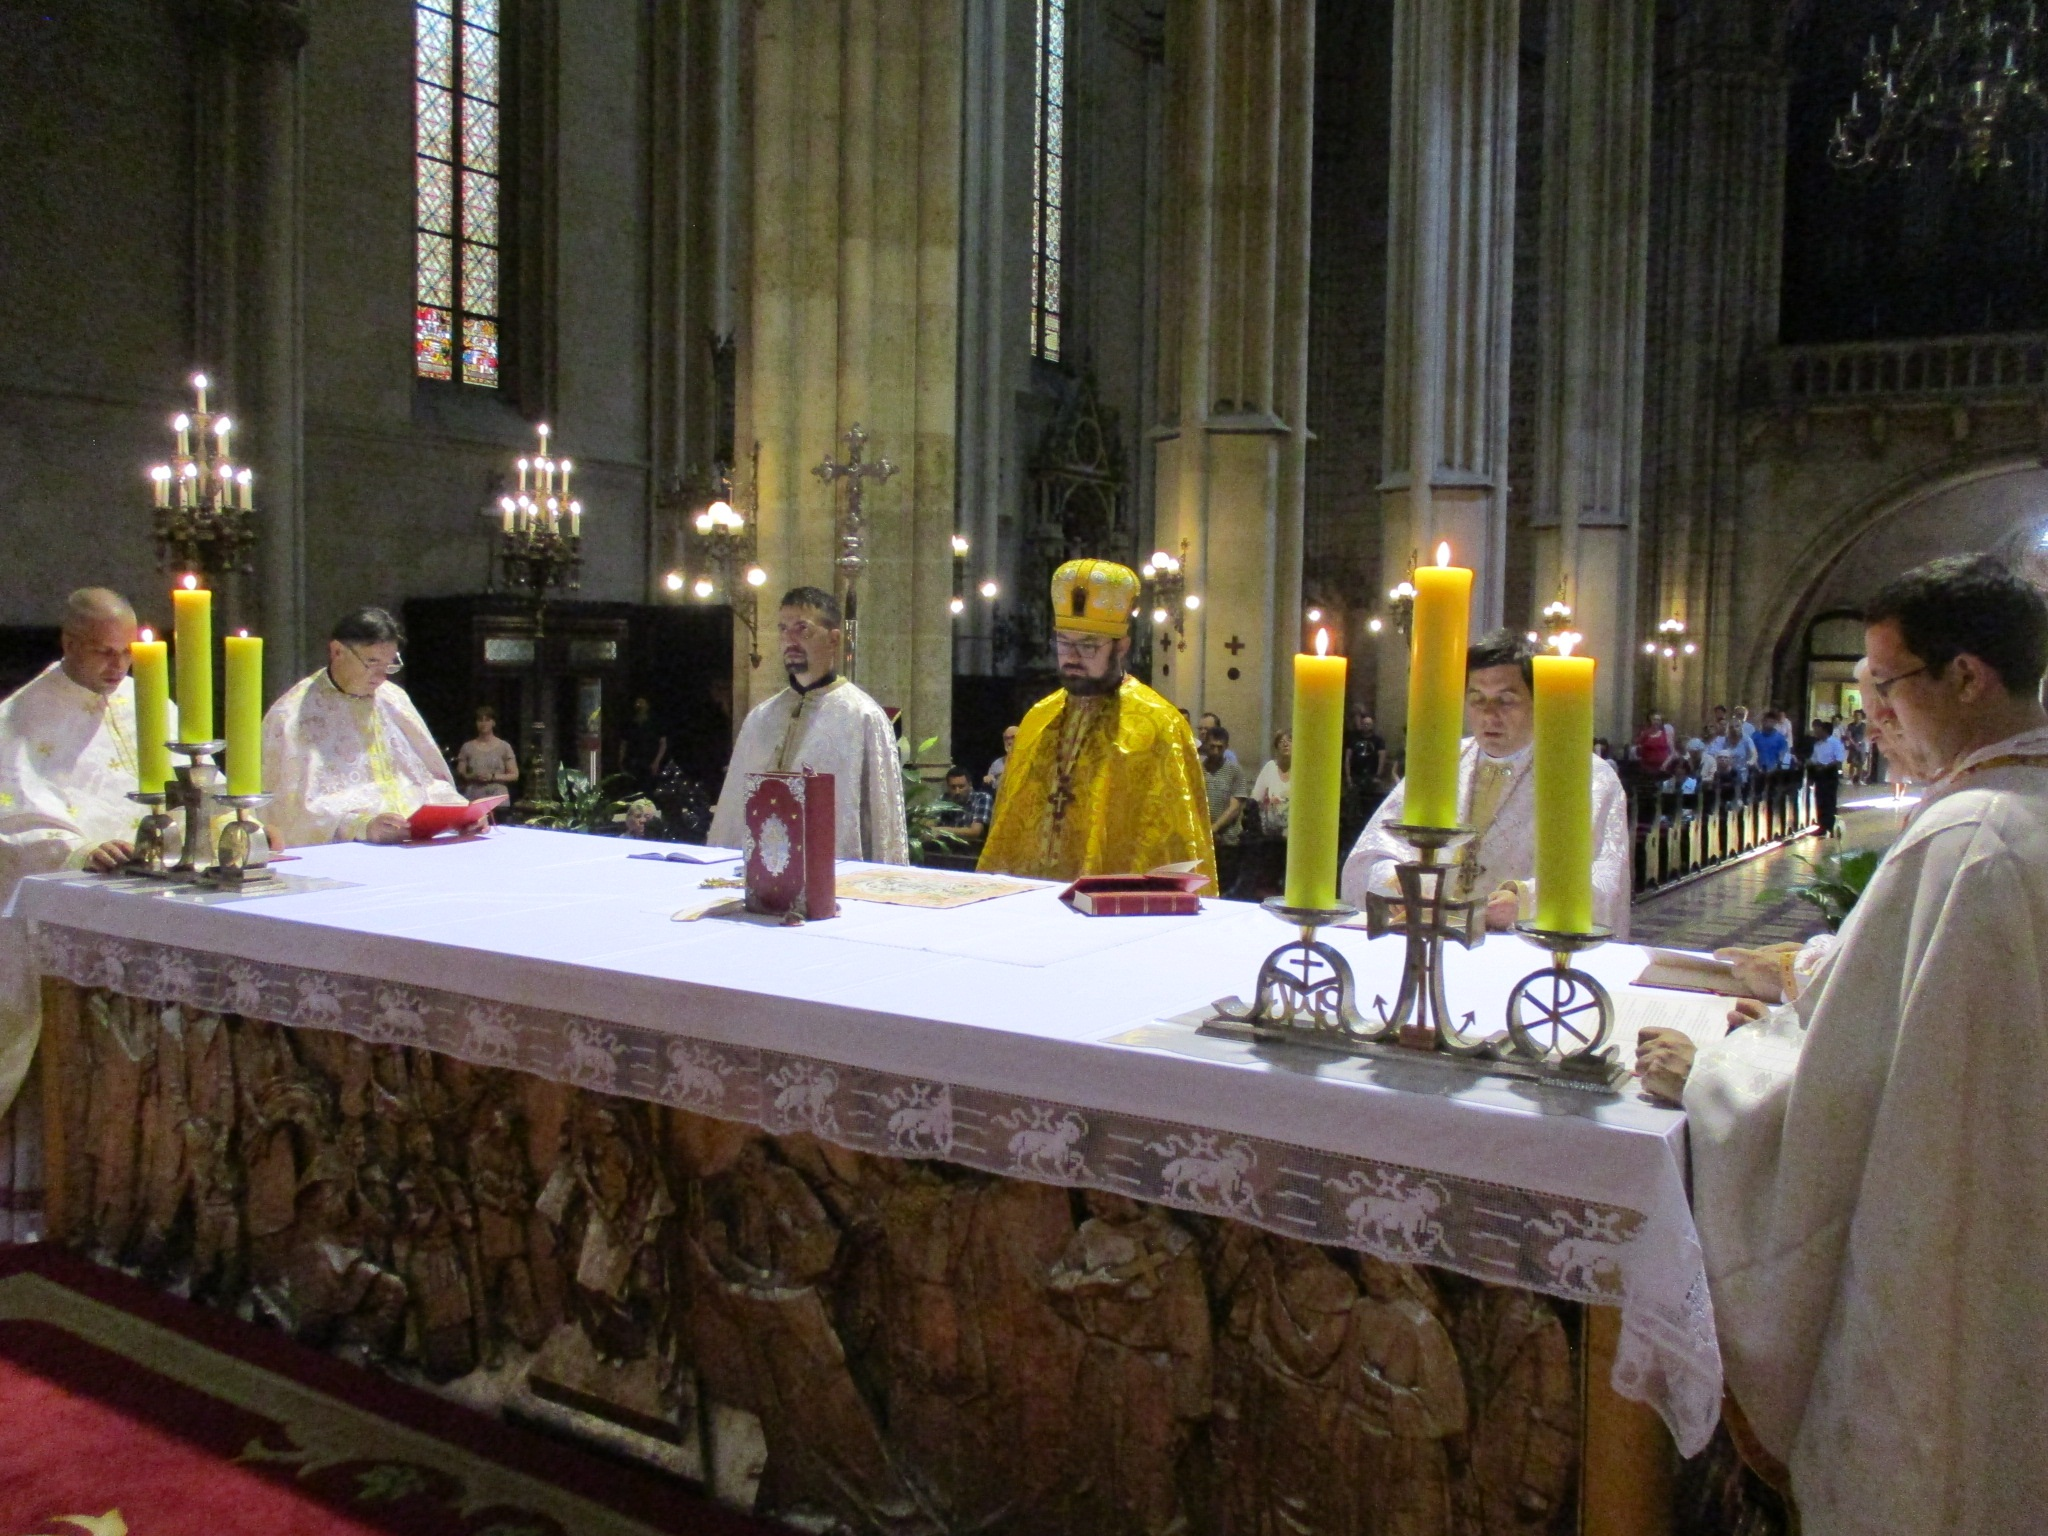 U zagrebačkoj katedrali grkokatoličkom liturgijom proslavljen blagdan sv. Ćirila i Metoda